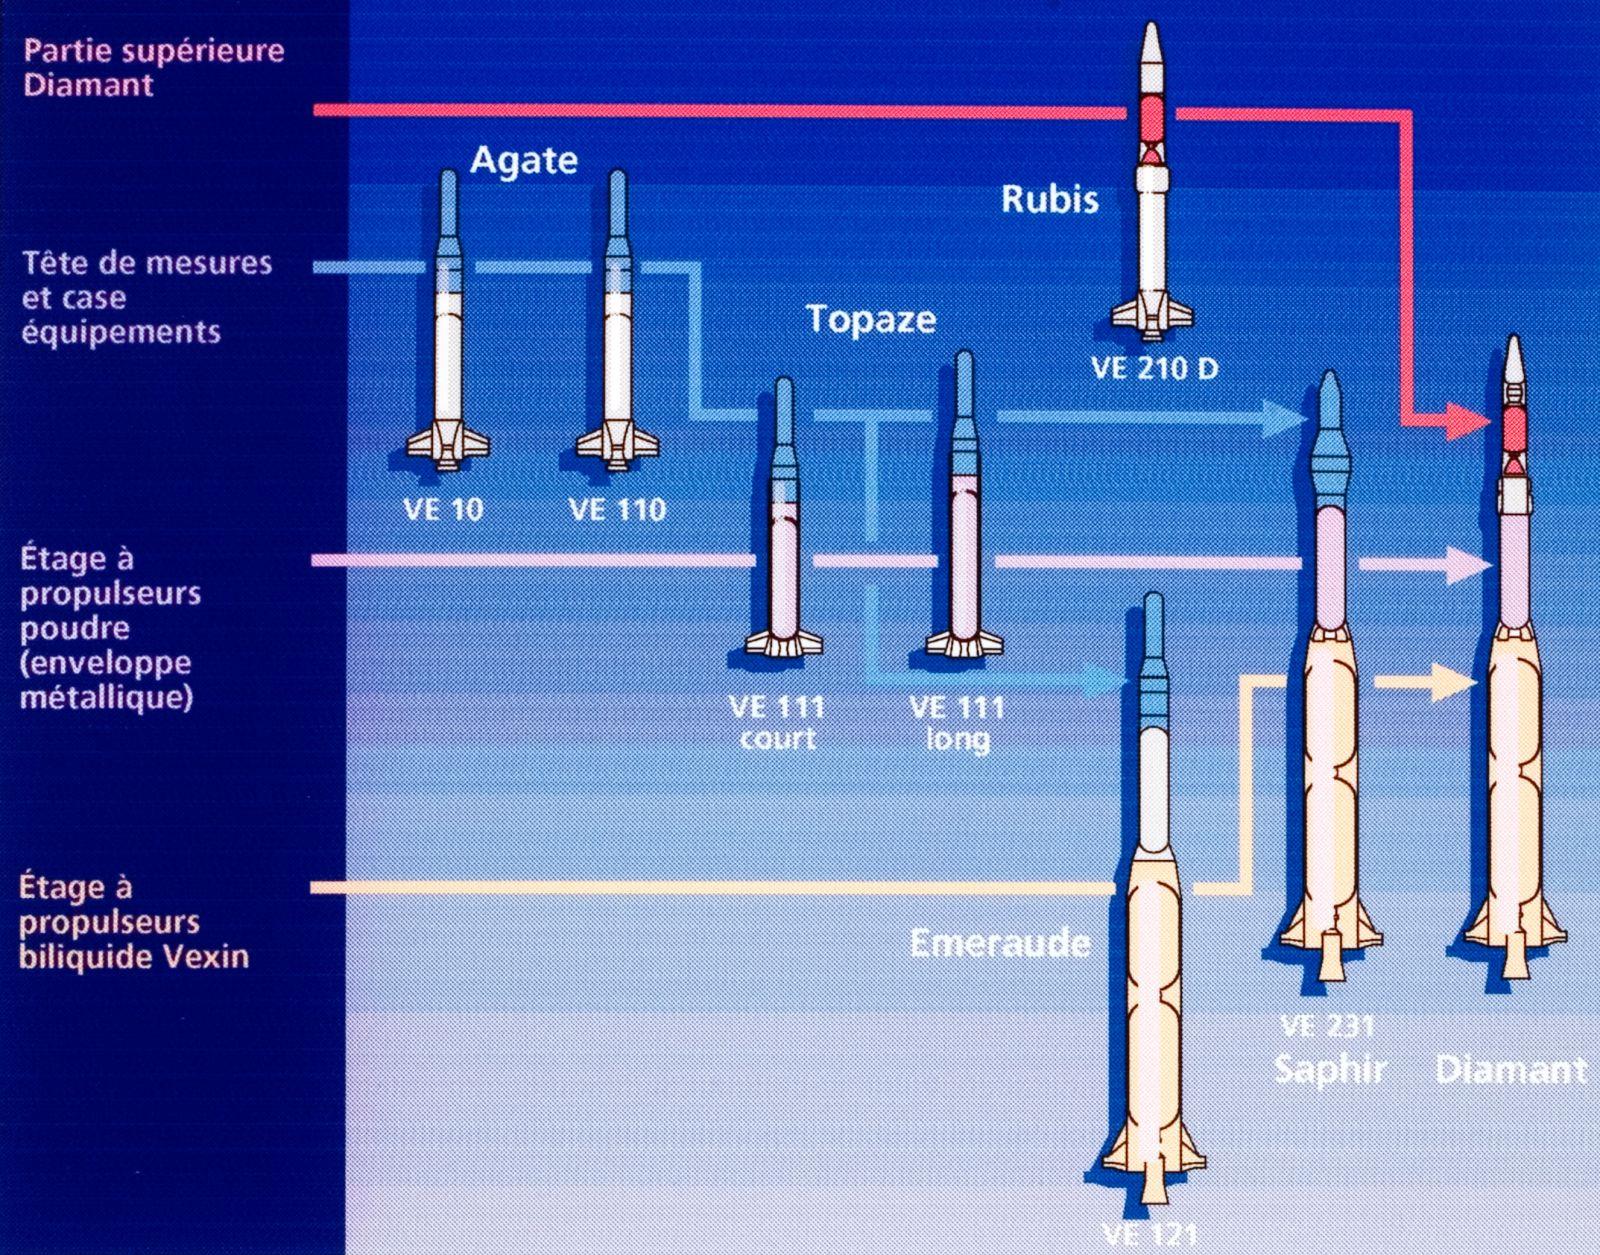 Fusées française - Série des pierres précieuses - Agate - émeraude - Rubis - Topaze - Diamant - DMA - SEREB - CNES